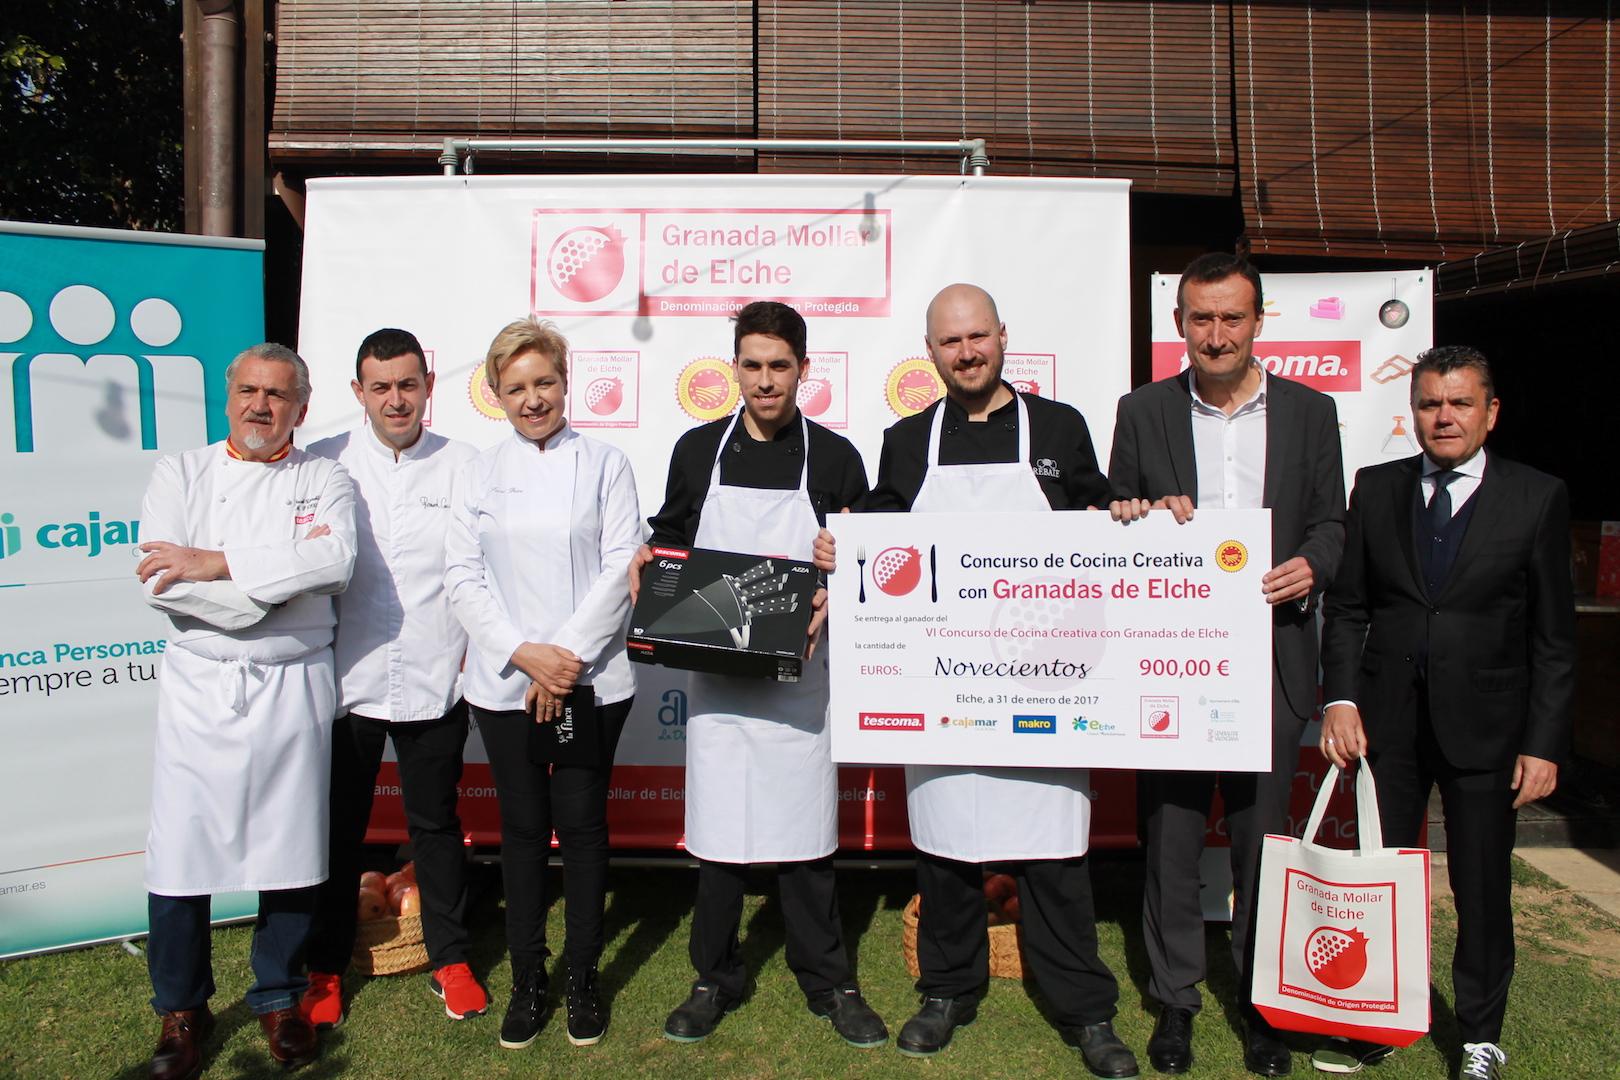 José Domingo Martínez del restaurante Rebate gana el concurso de cocina creativa con granadas de Elche